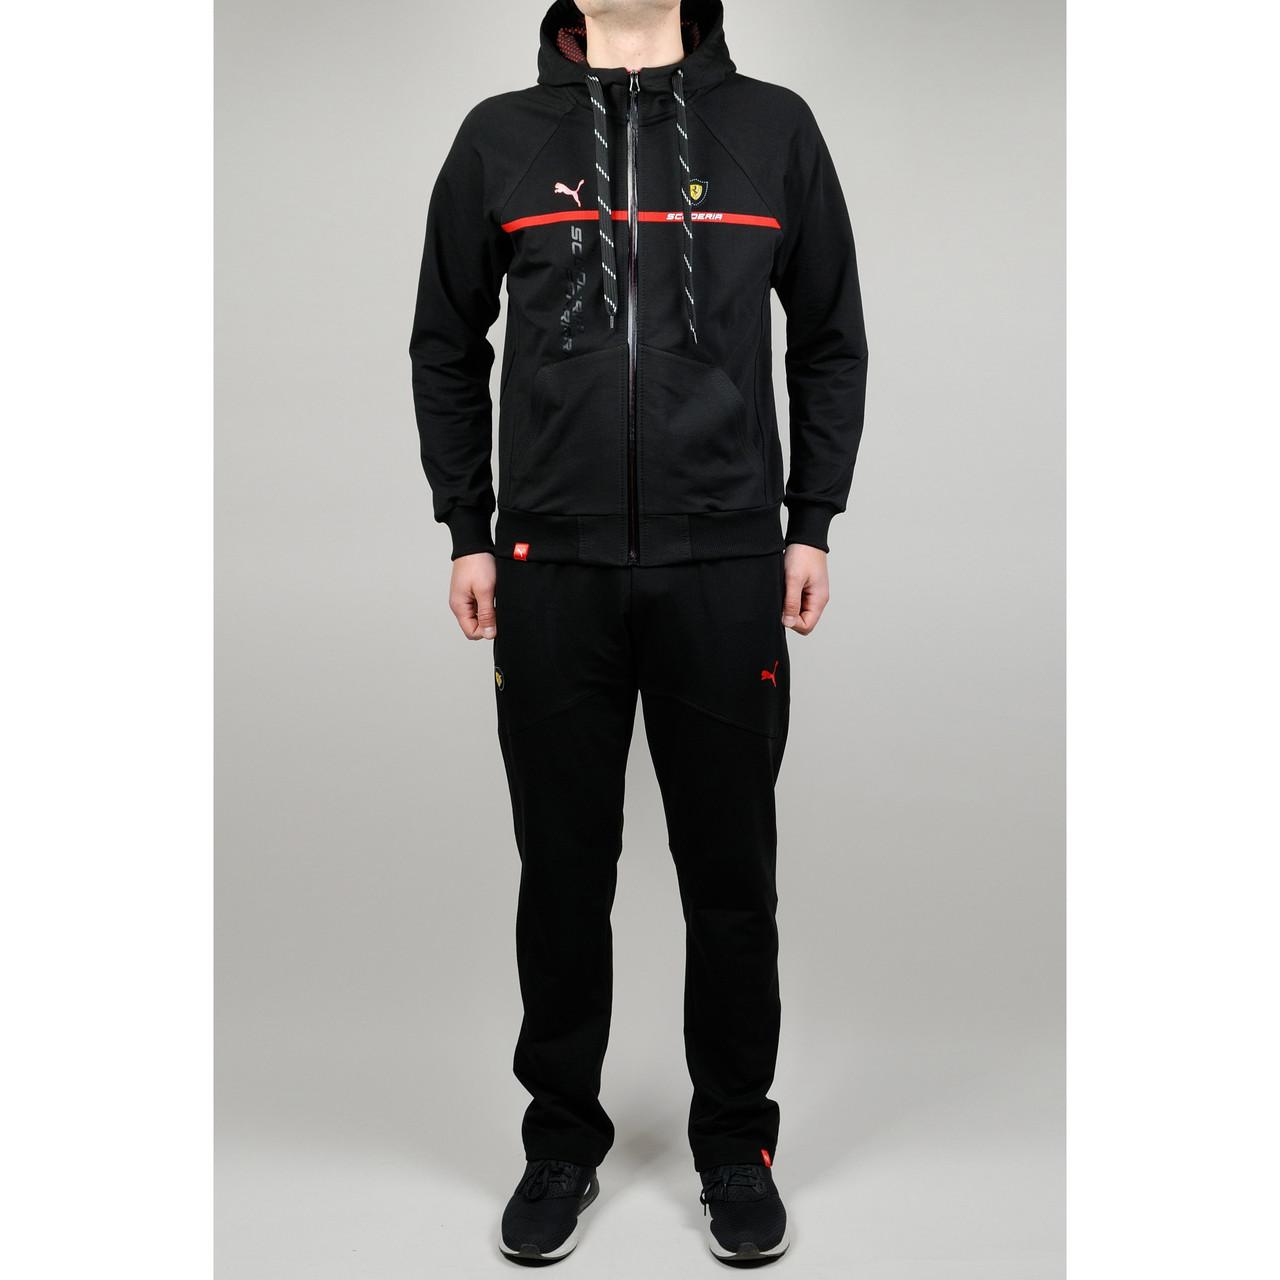 36d1216cff7a Спортивный костюм мужской PUMA FERRARI 20662 черный - купить по ...